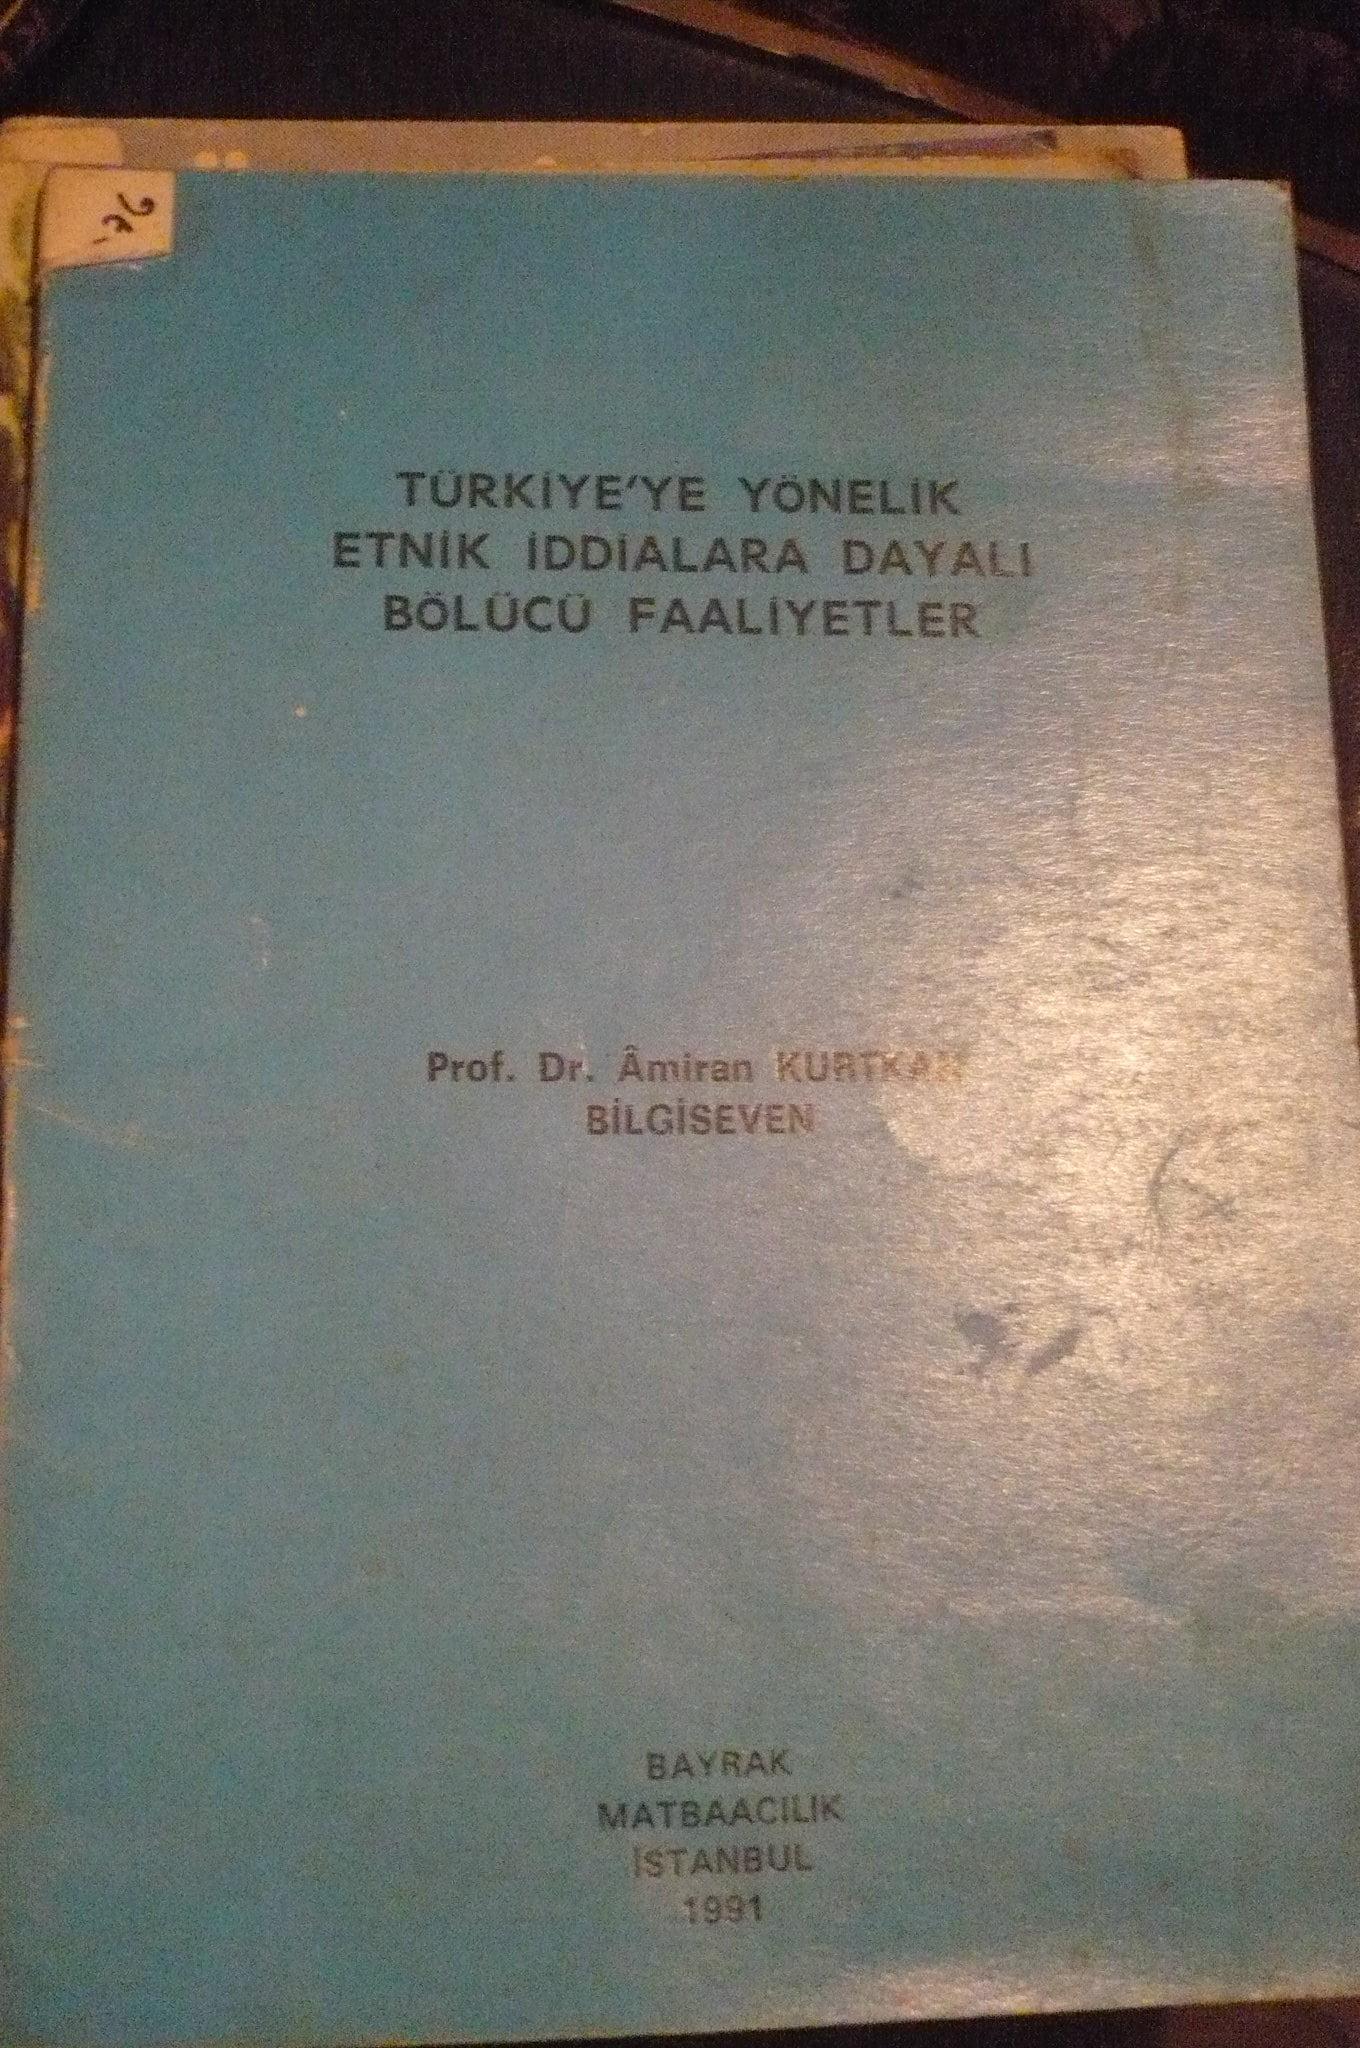 TÜRKİYE'YE YÖNELİK ETNİK İDDİALARA DAYALI BÖLÜCÜ FAALİYETLER/A.KURTKAN BİLGİSEVEN/10TL